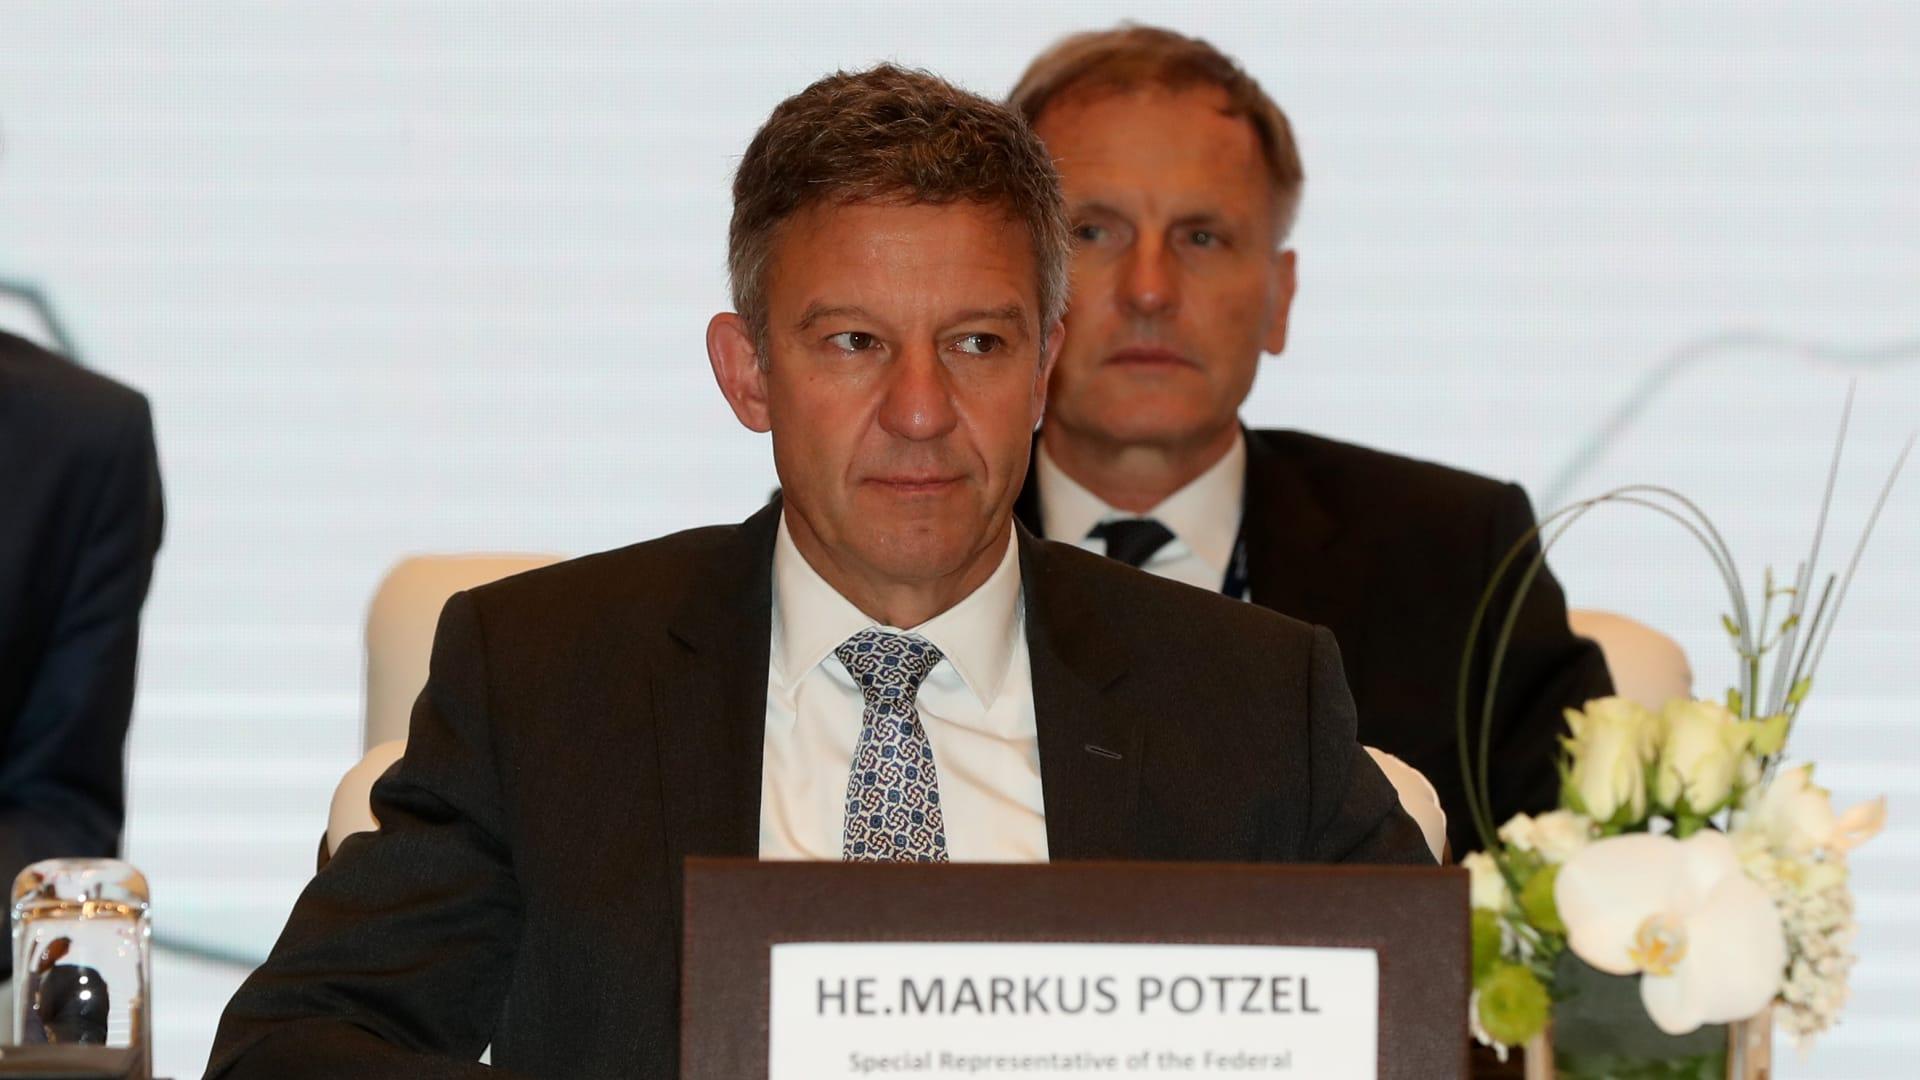 السفير الألماني في أفغانستان ماركوس بوتزيل